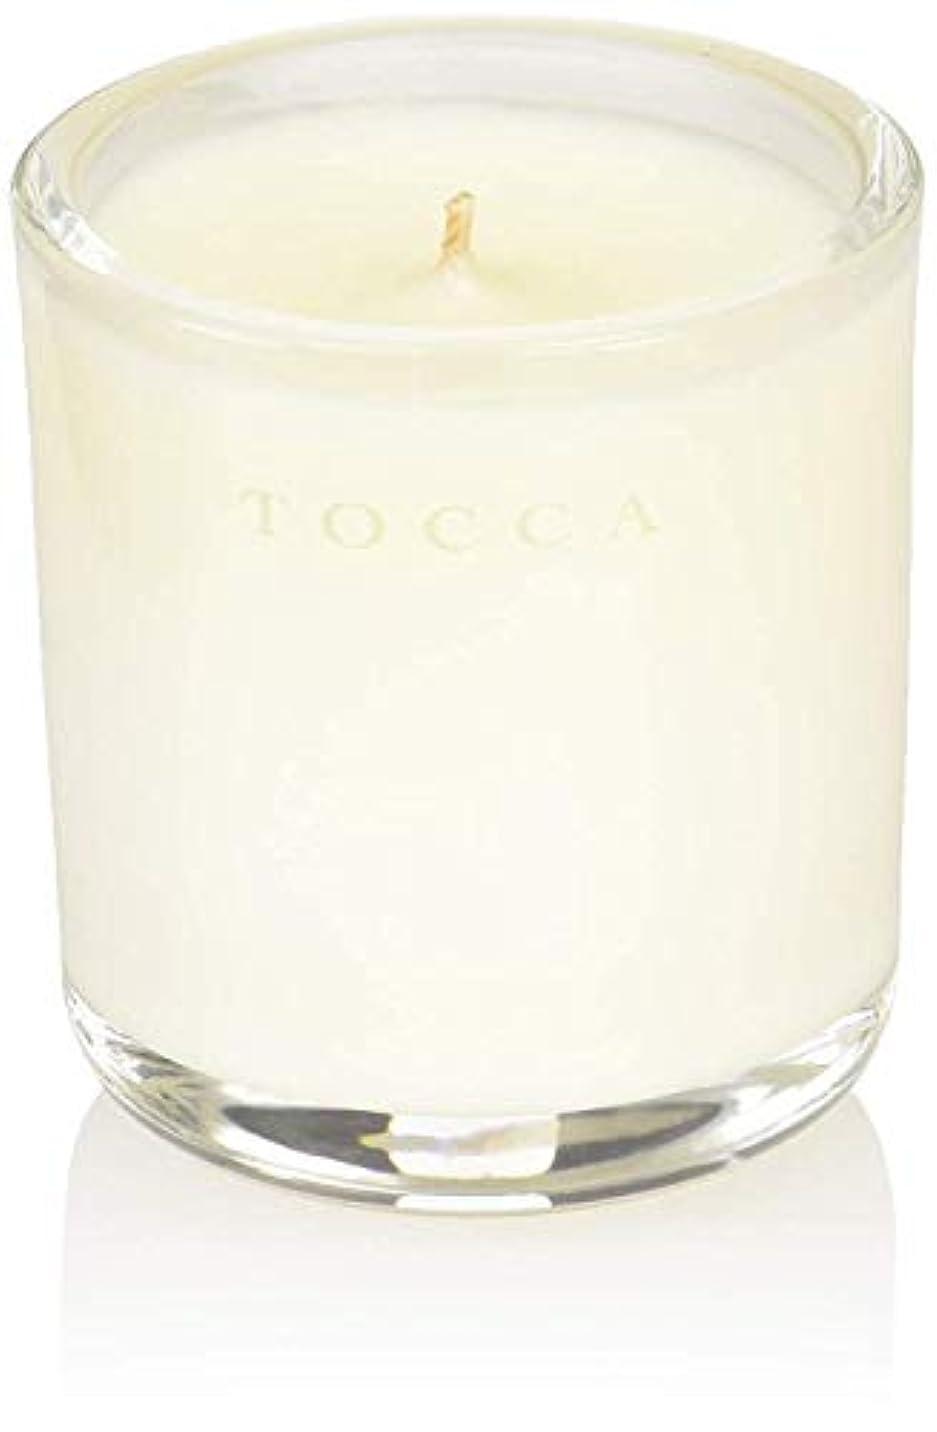 自発保険をかける引き潮TOCCA(トッカ) ボヤージュ キャンデリーナ カプリ 85g (ろうそく 芳香 柑橘とメロンの魅惑なシトラスな香り)